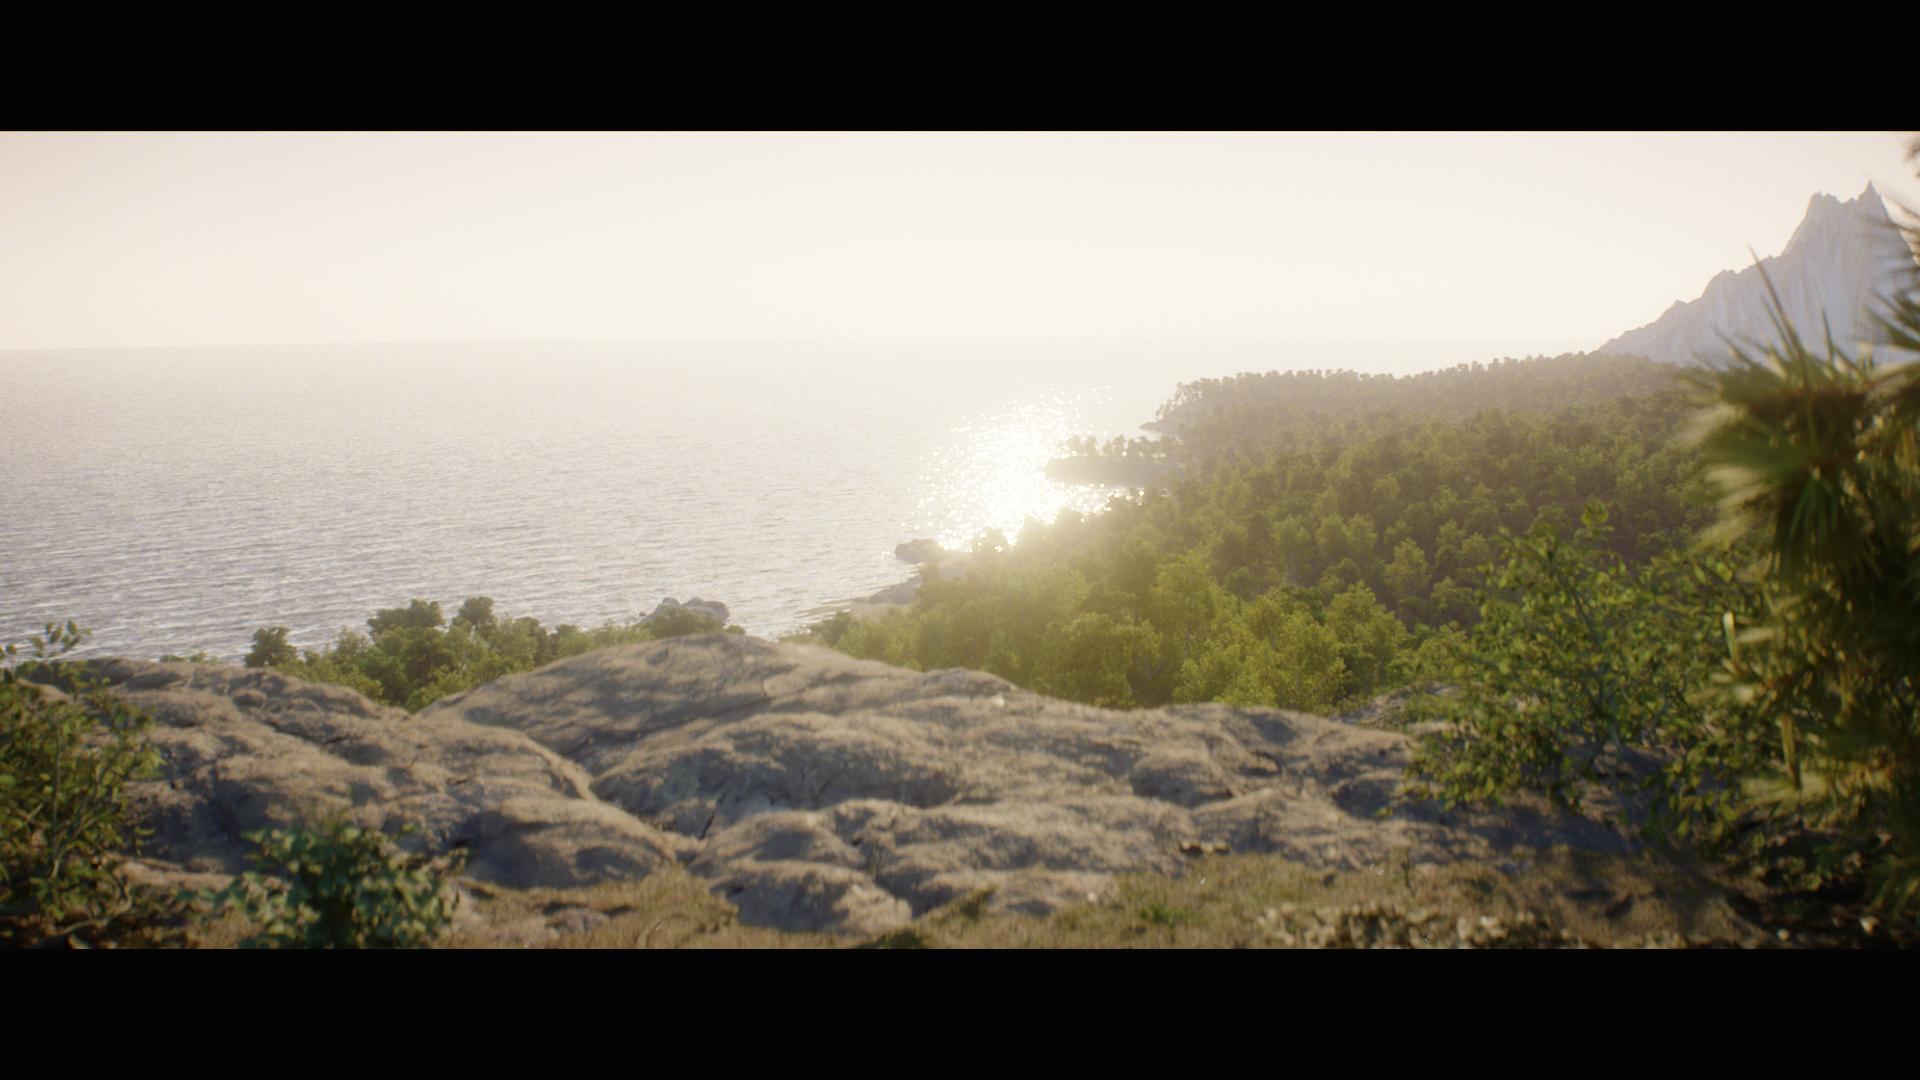 Acadia_Forest_s040_comp_v04.1015.png